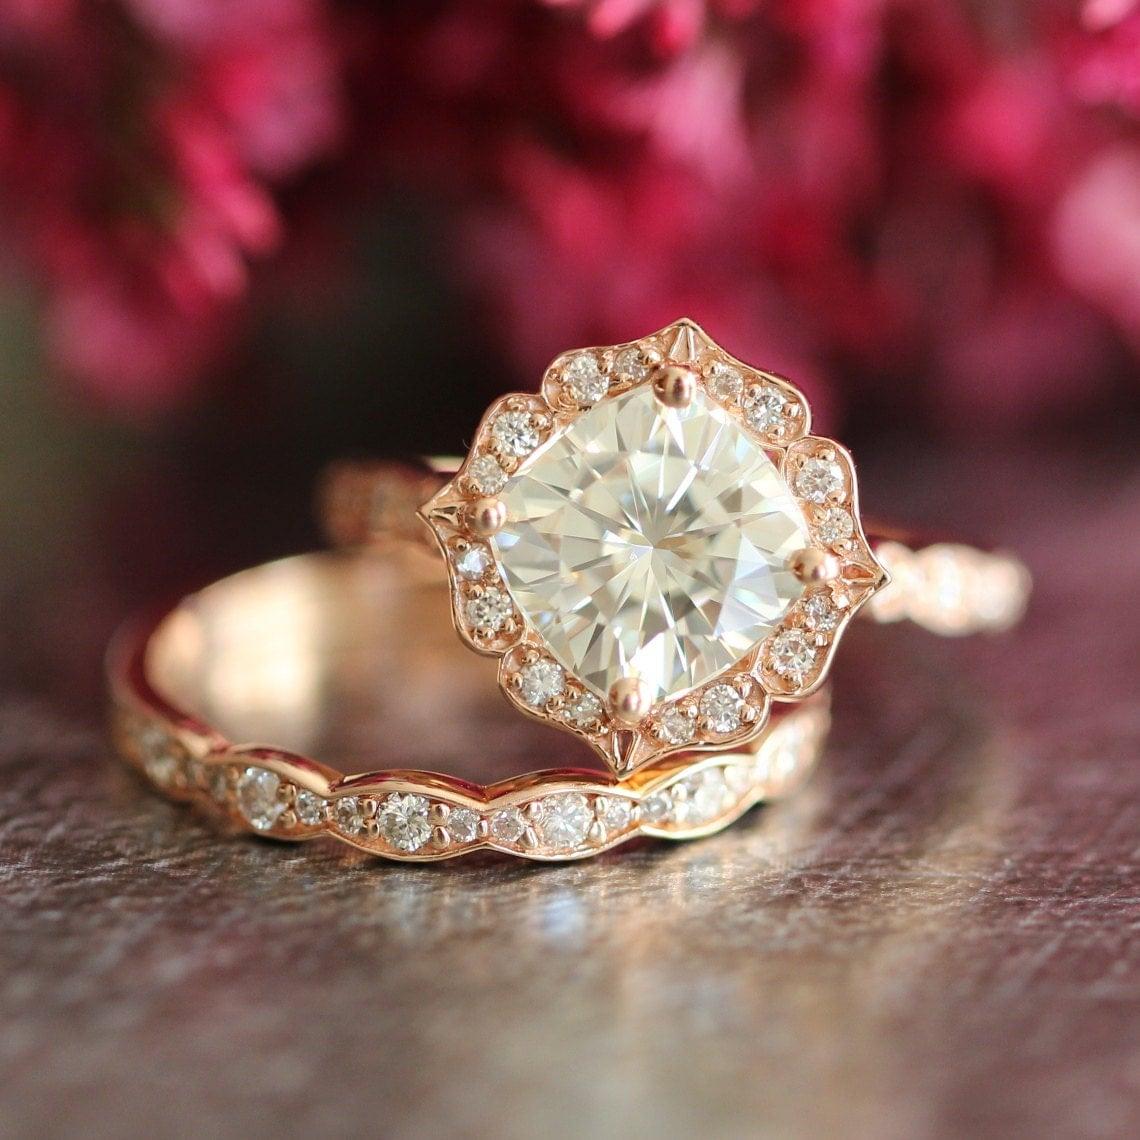 14k rose gold moissanite engagement ring wedding set scalloped. Black Bedroom Furniture Sets. Home Design Ideas